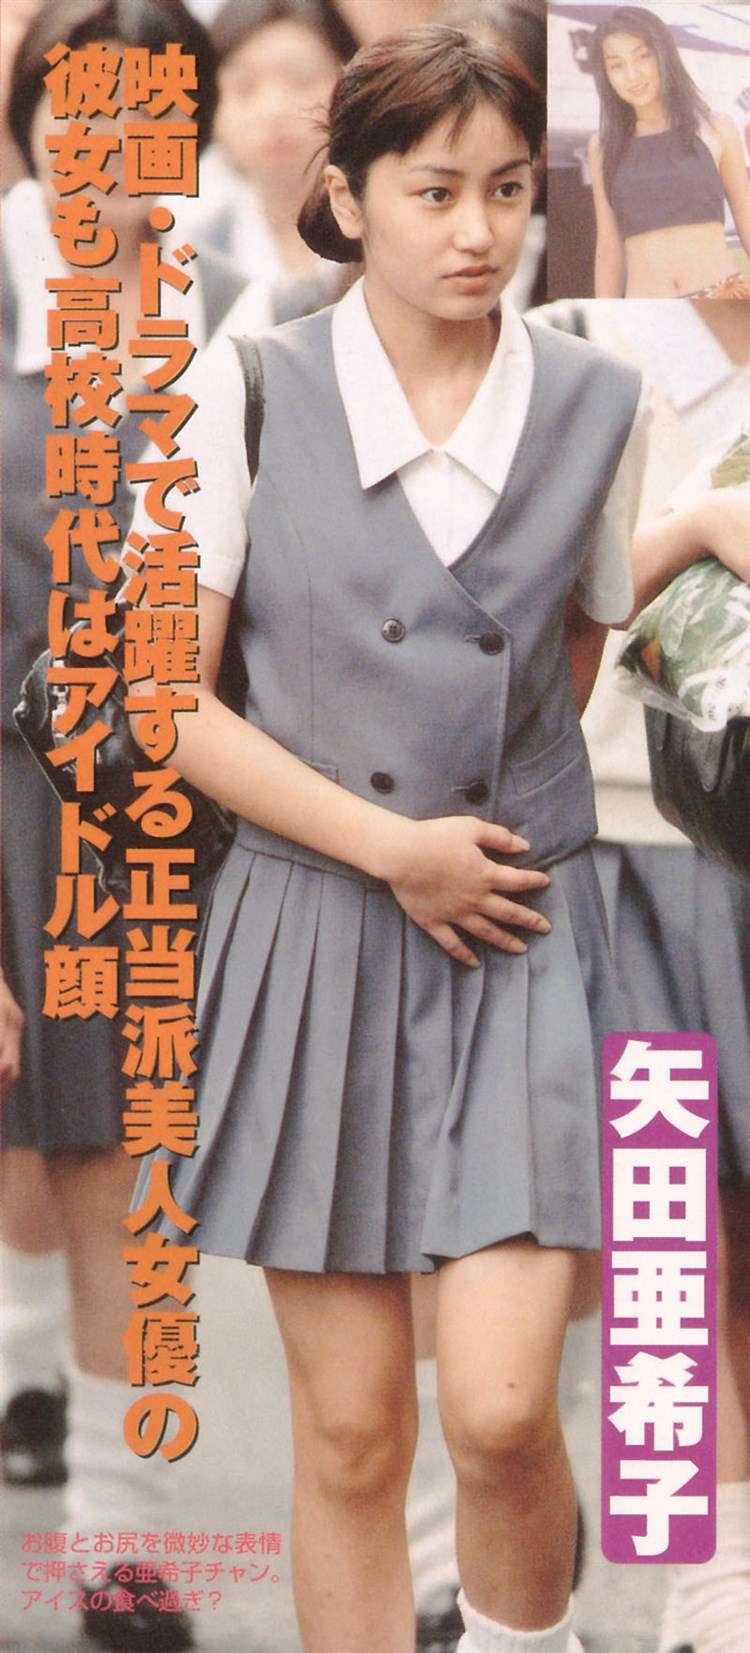 矢田亜希子のおっぱい乳揉みエロ画像